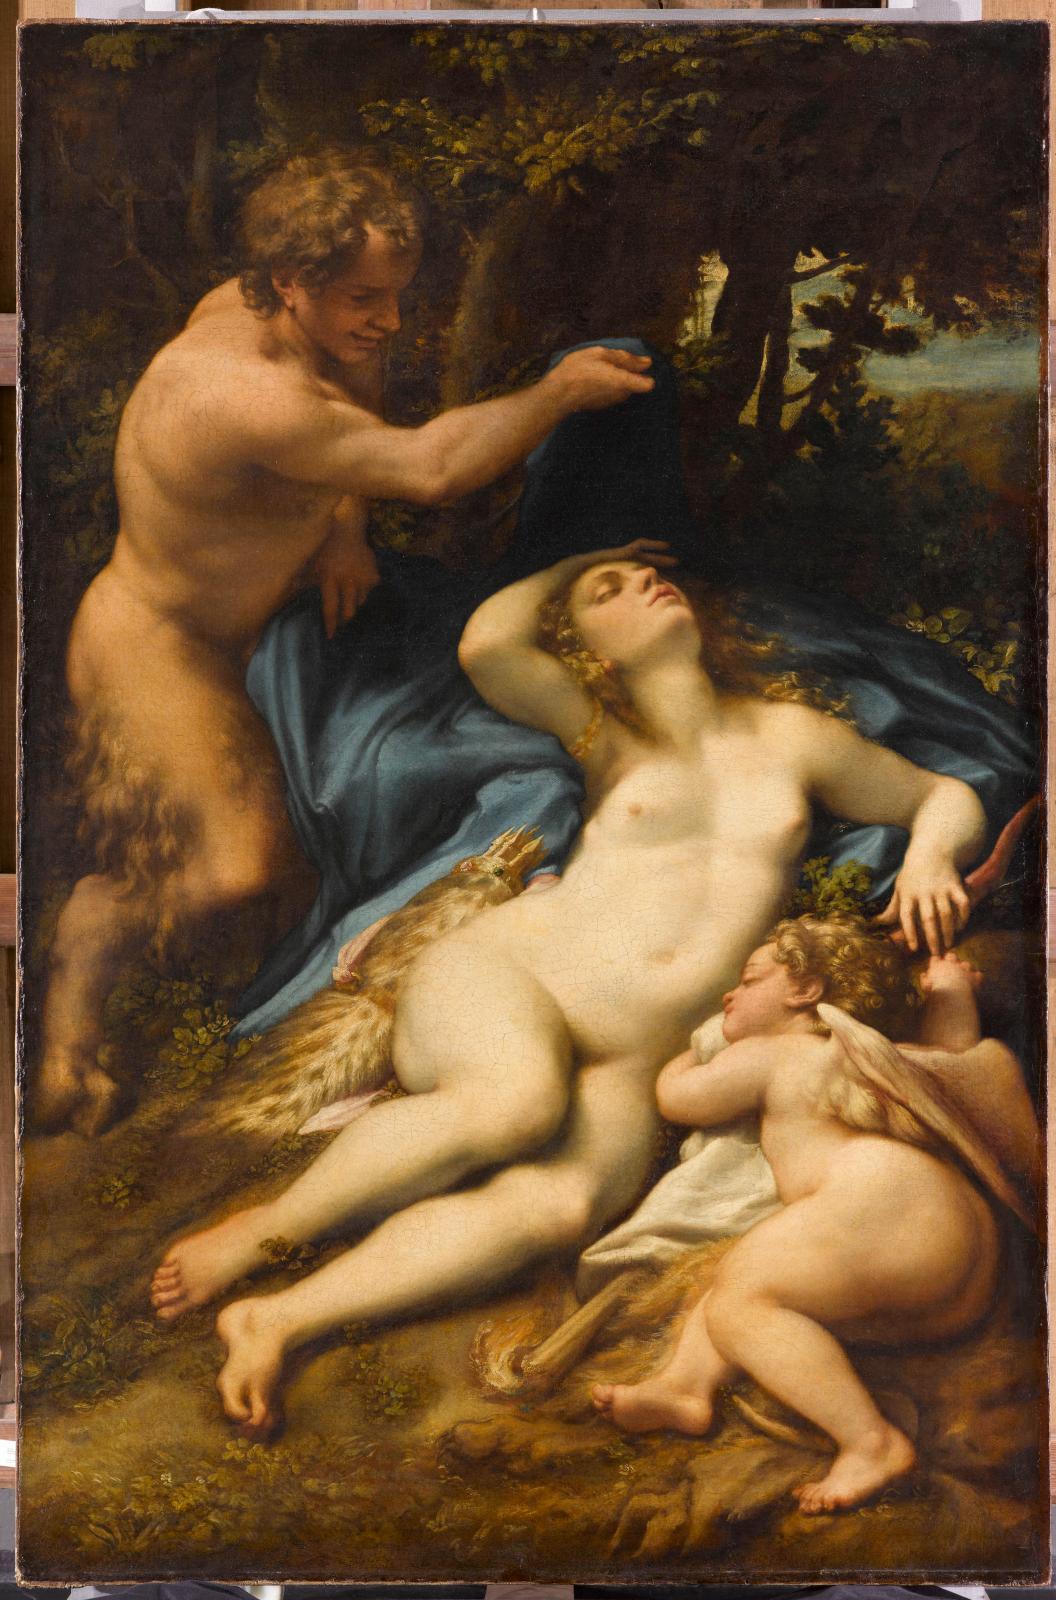 Antonio Allegri, dit le Corrège (1489-1534), Vénus et l'Amour découverts par un satyre, vers 1525, huile sur toile, 188x124cm, Paris, musée du Louv